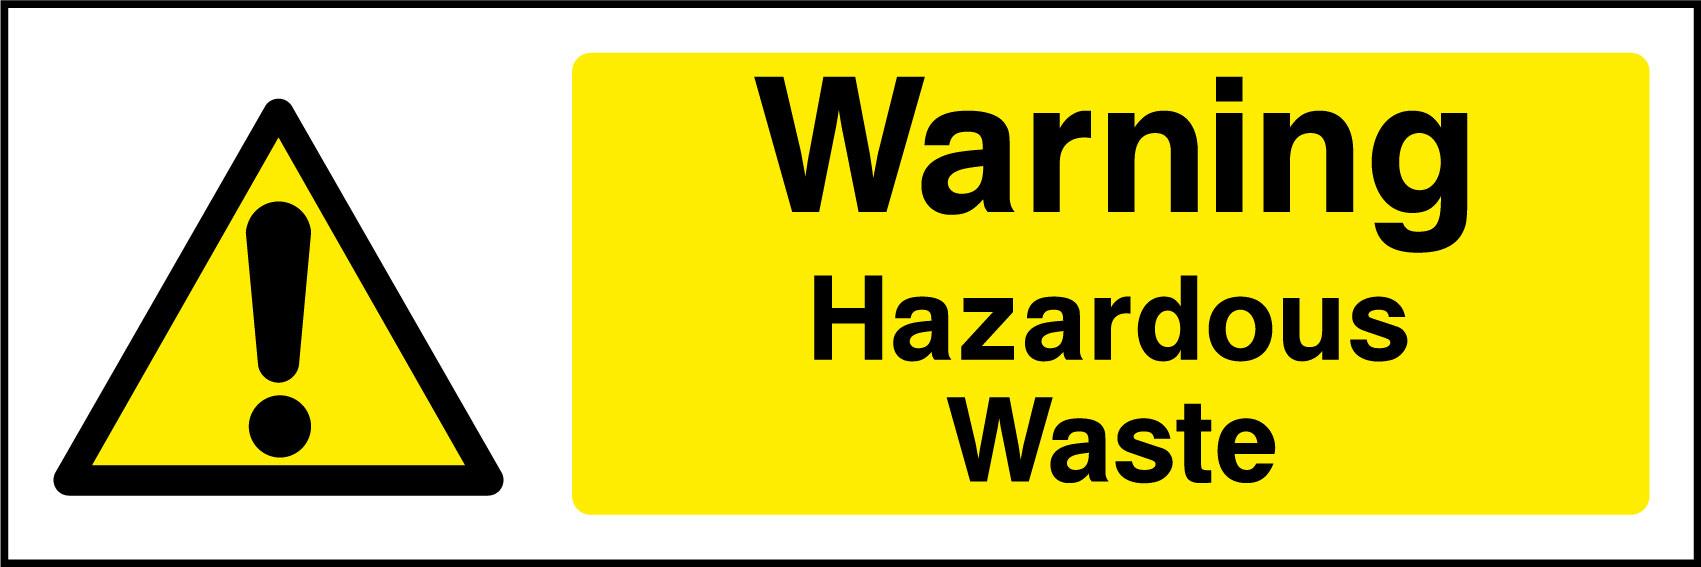 How to Dispose of Hazardous Waste